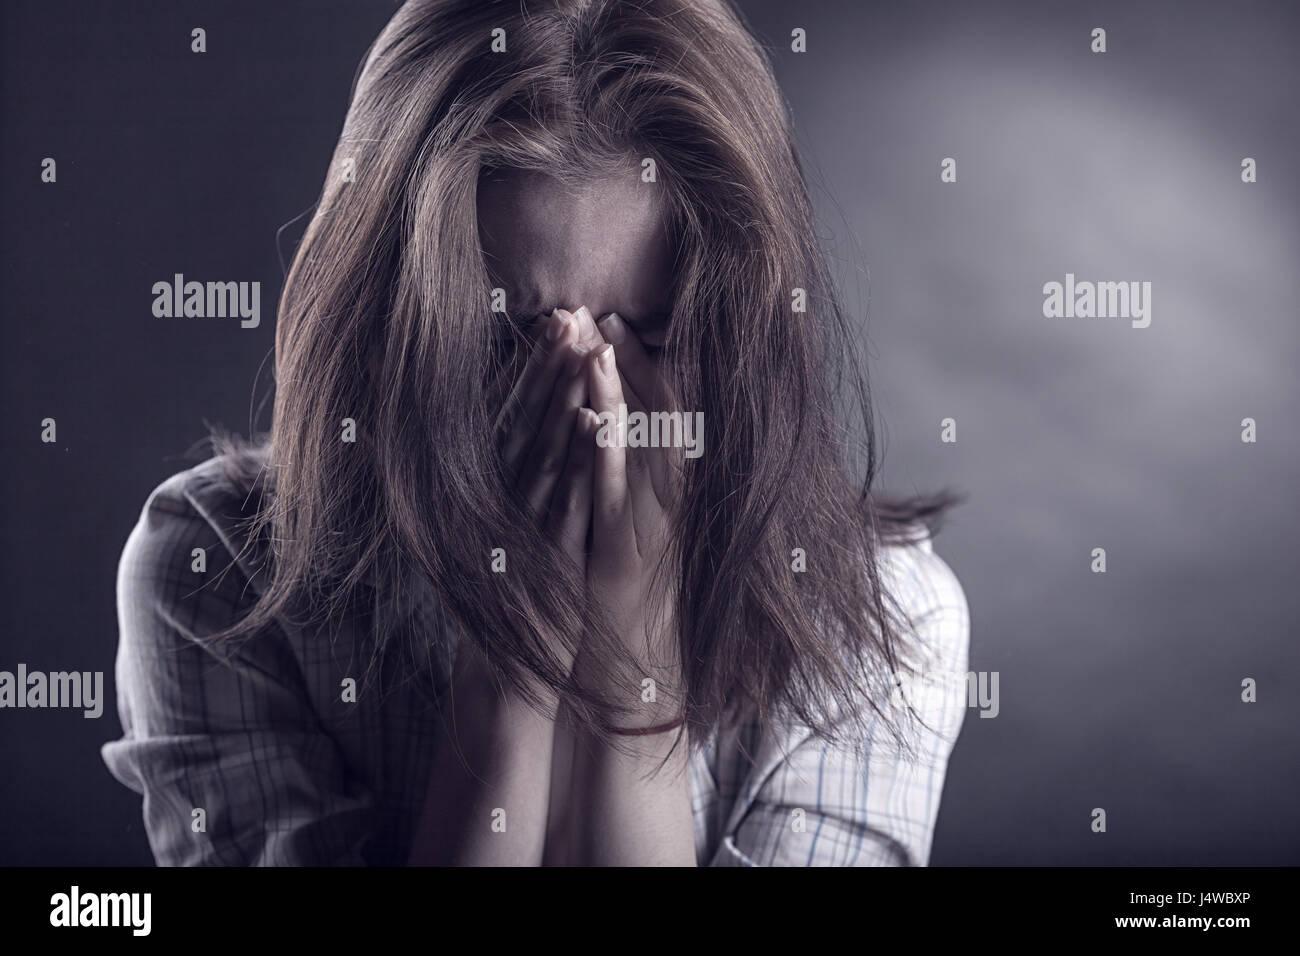 Junge Frau, die weint Gesicht in ihre Hände auf einem dunklen Hintergrund Stockbild